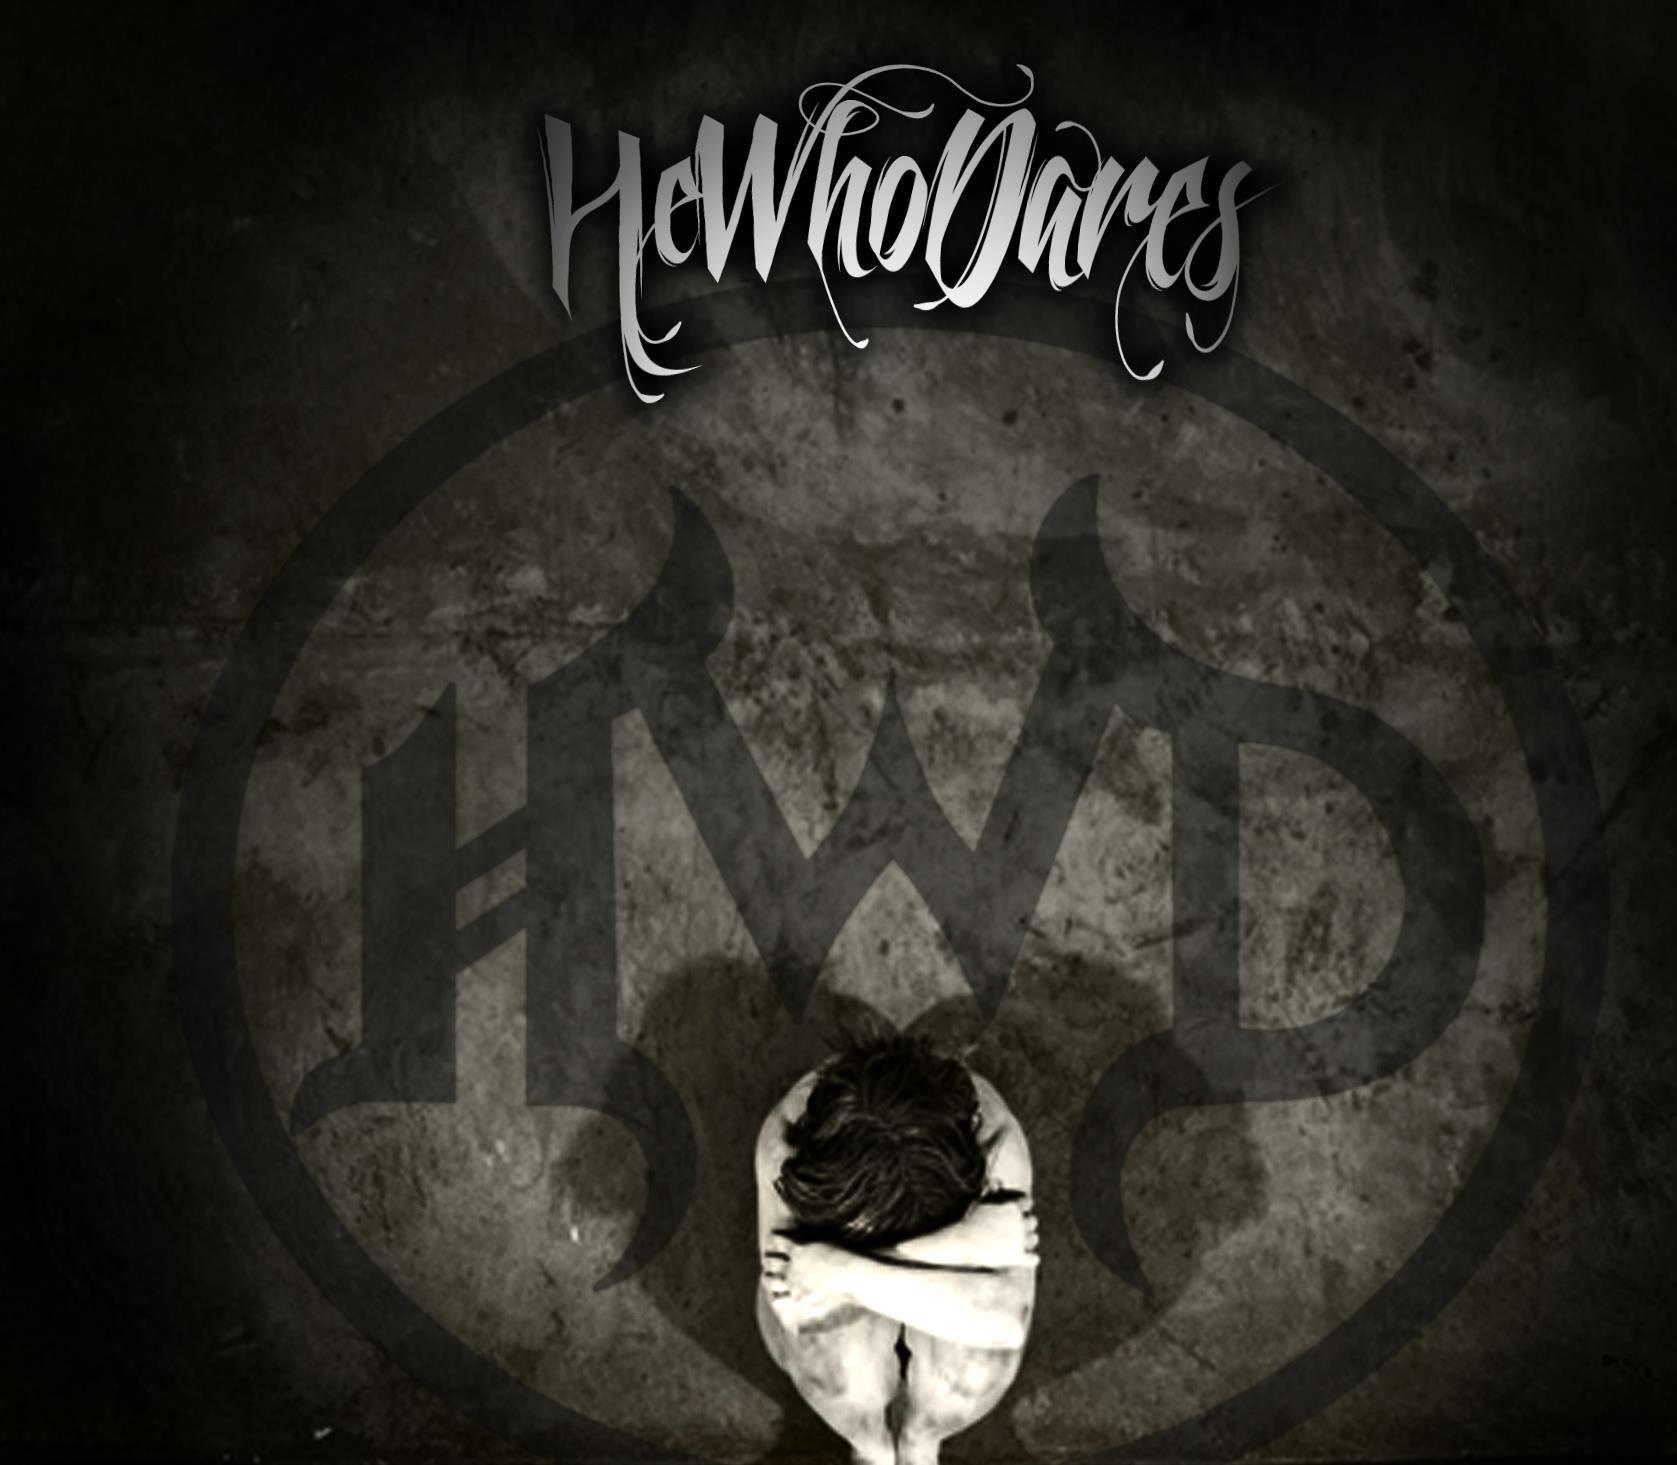 HeWhoDares - Self Titled [EP] (2012)